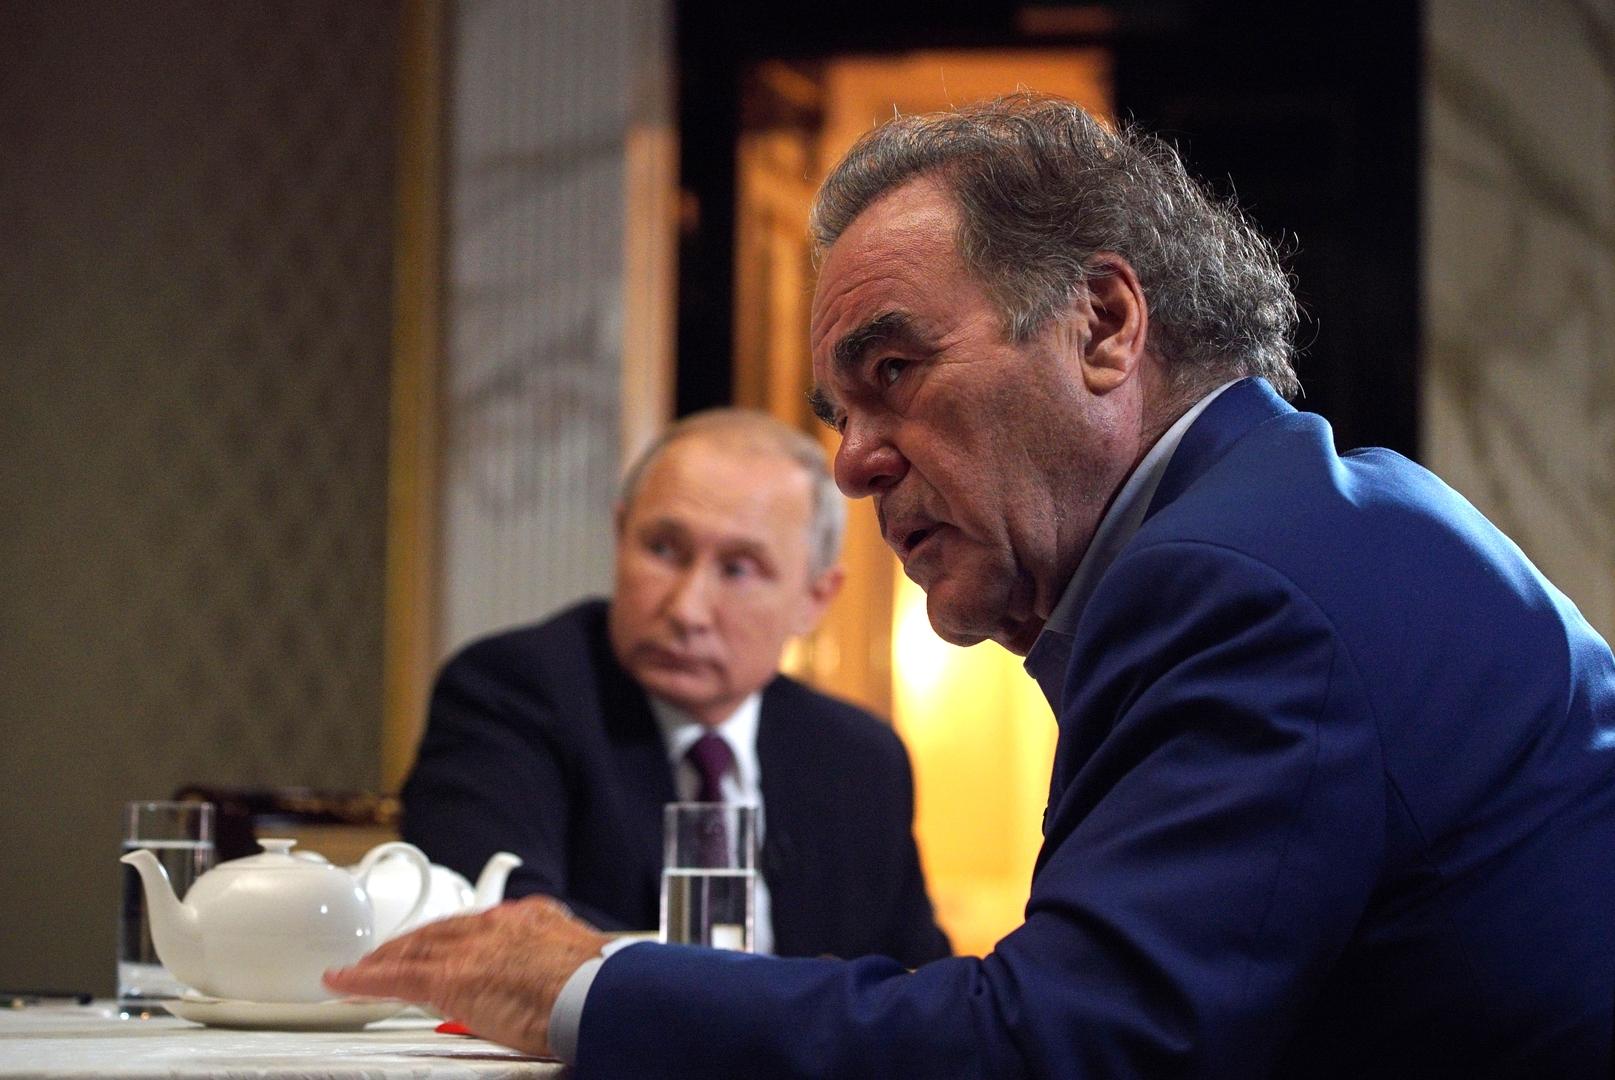 أوليفر ستون: بوتين لم يسمح بجعل روسيا بلدا تابعا لأمريكا